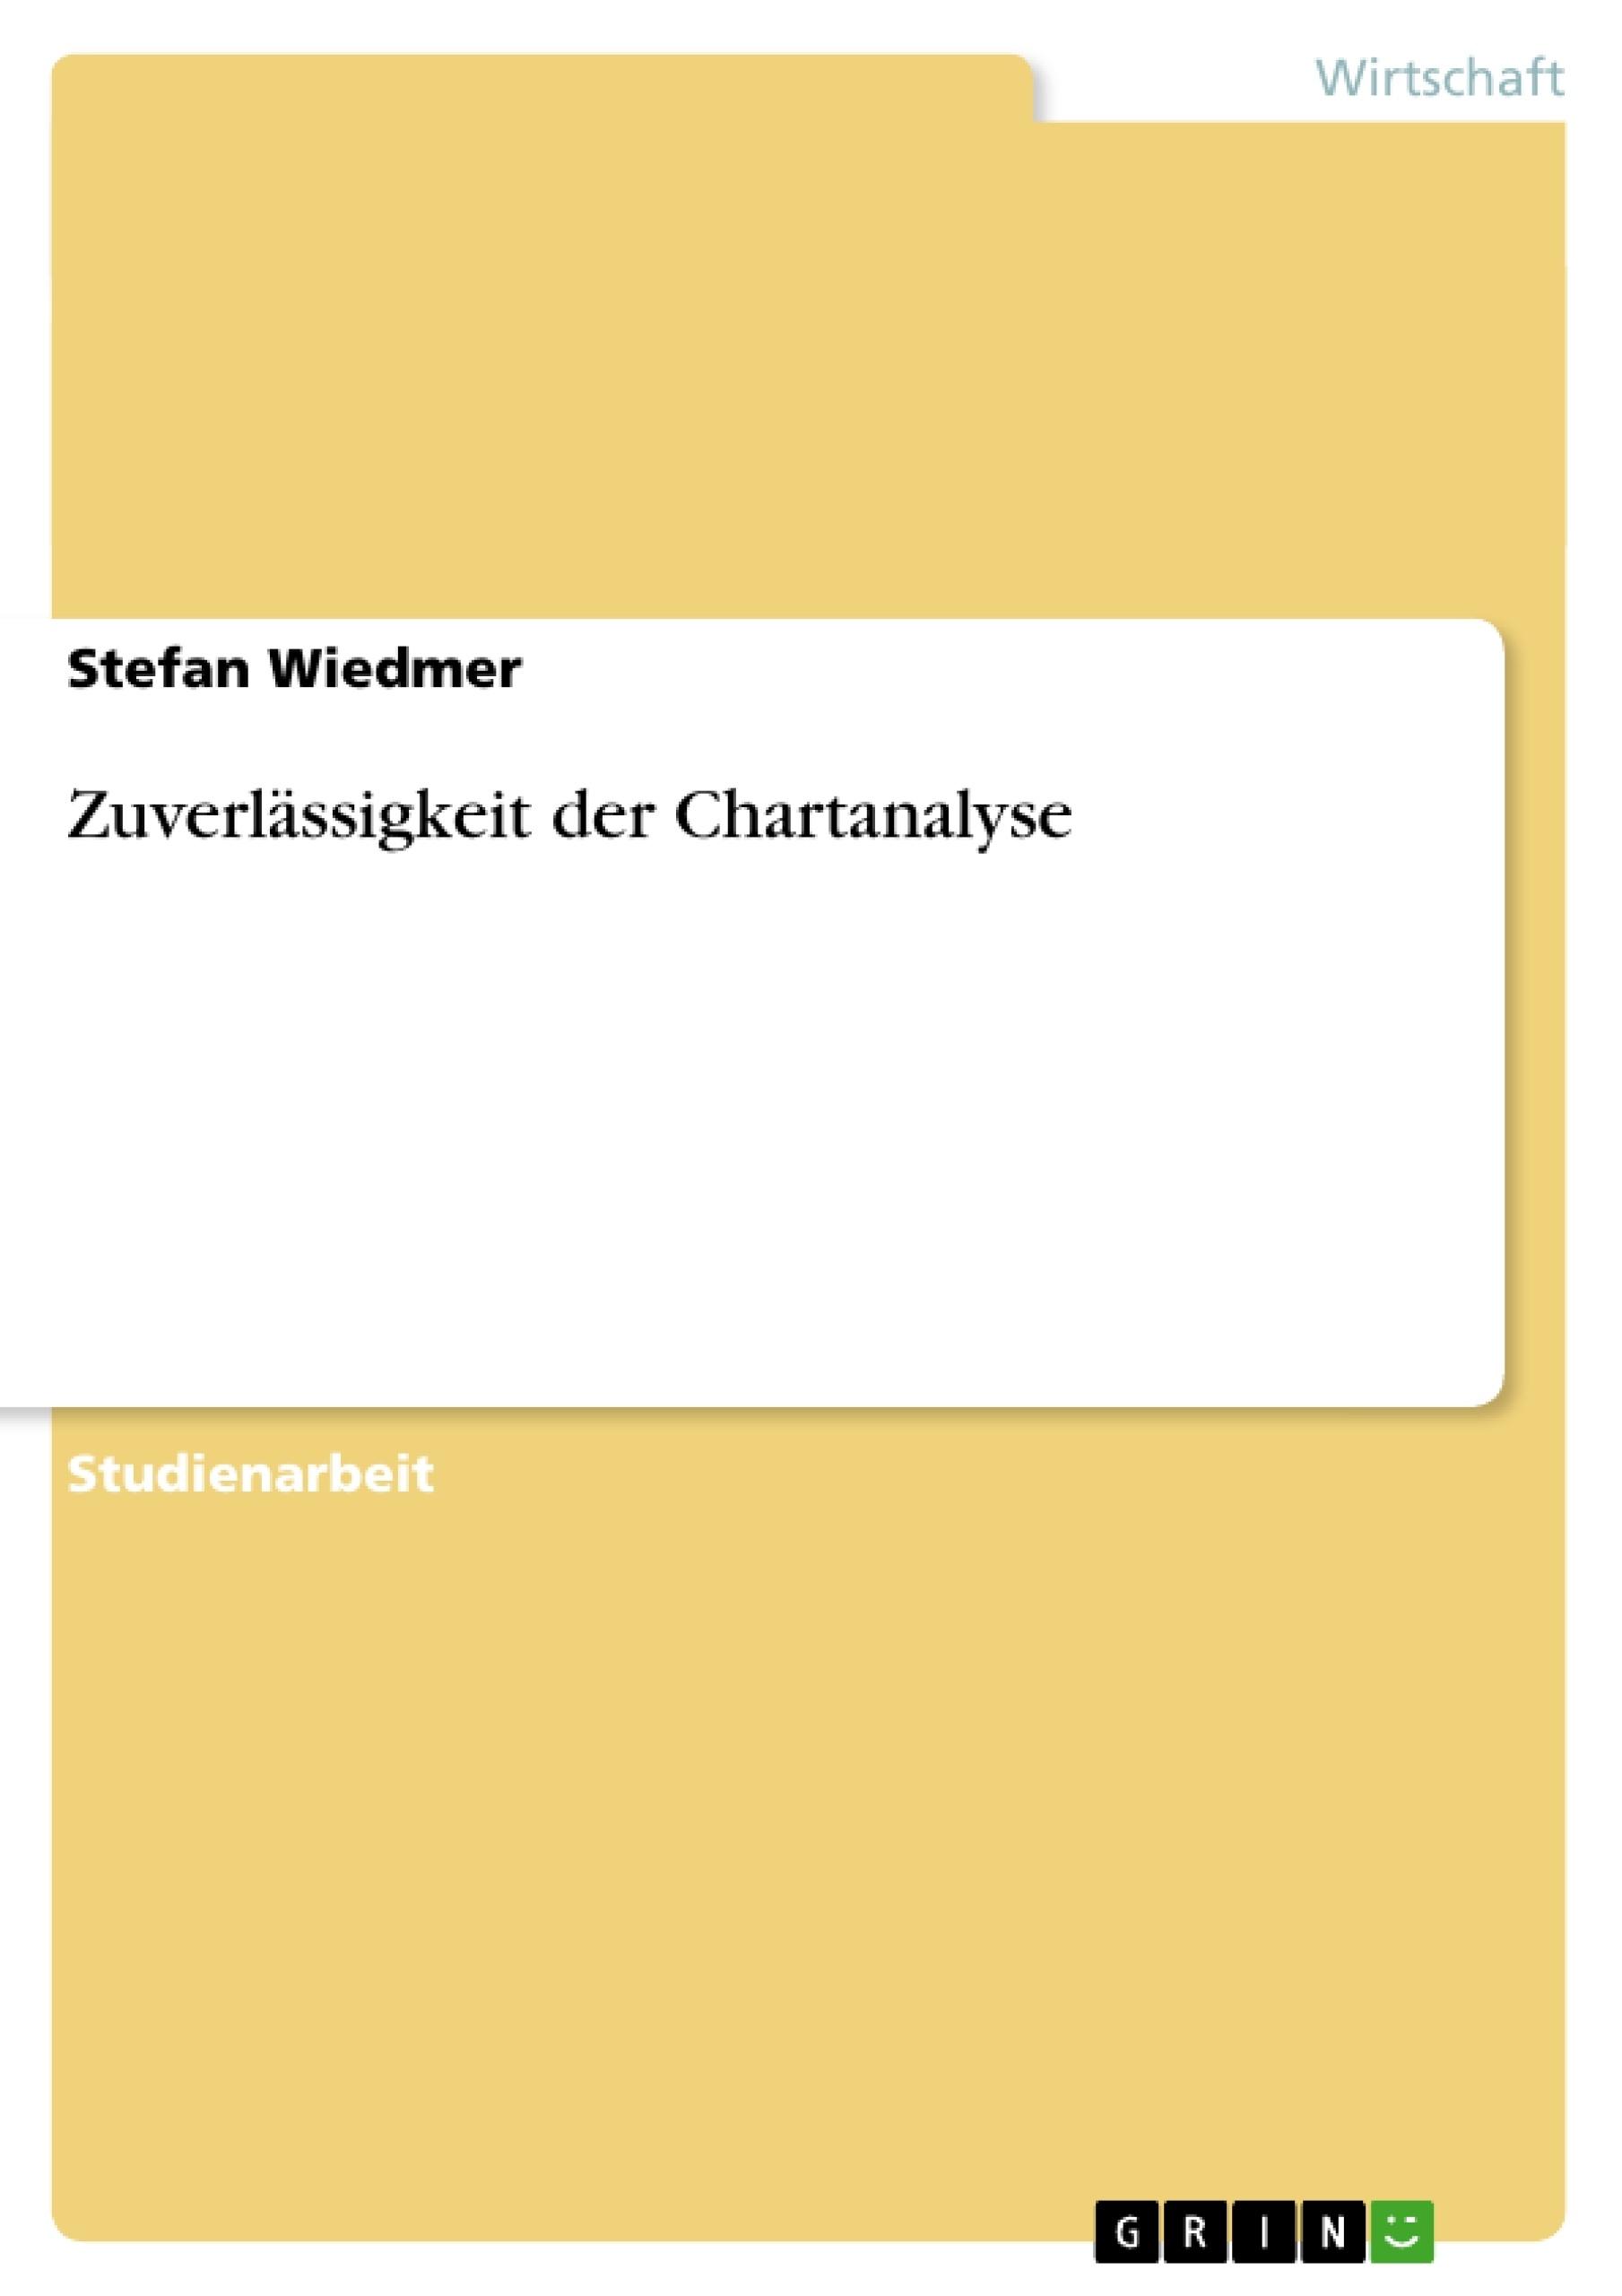 Titel: Zuverlässigkeit der Chartanalyse